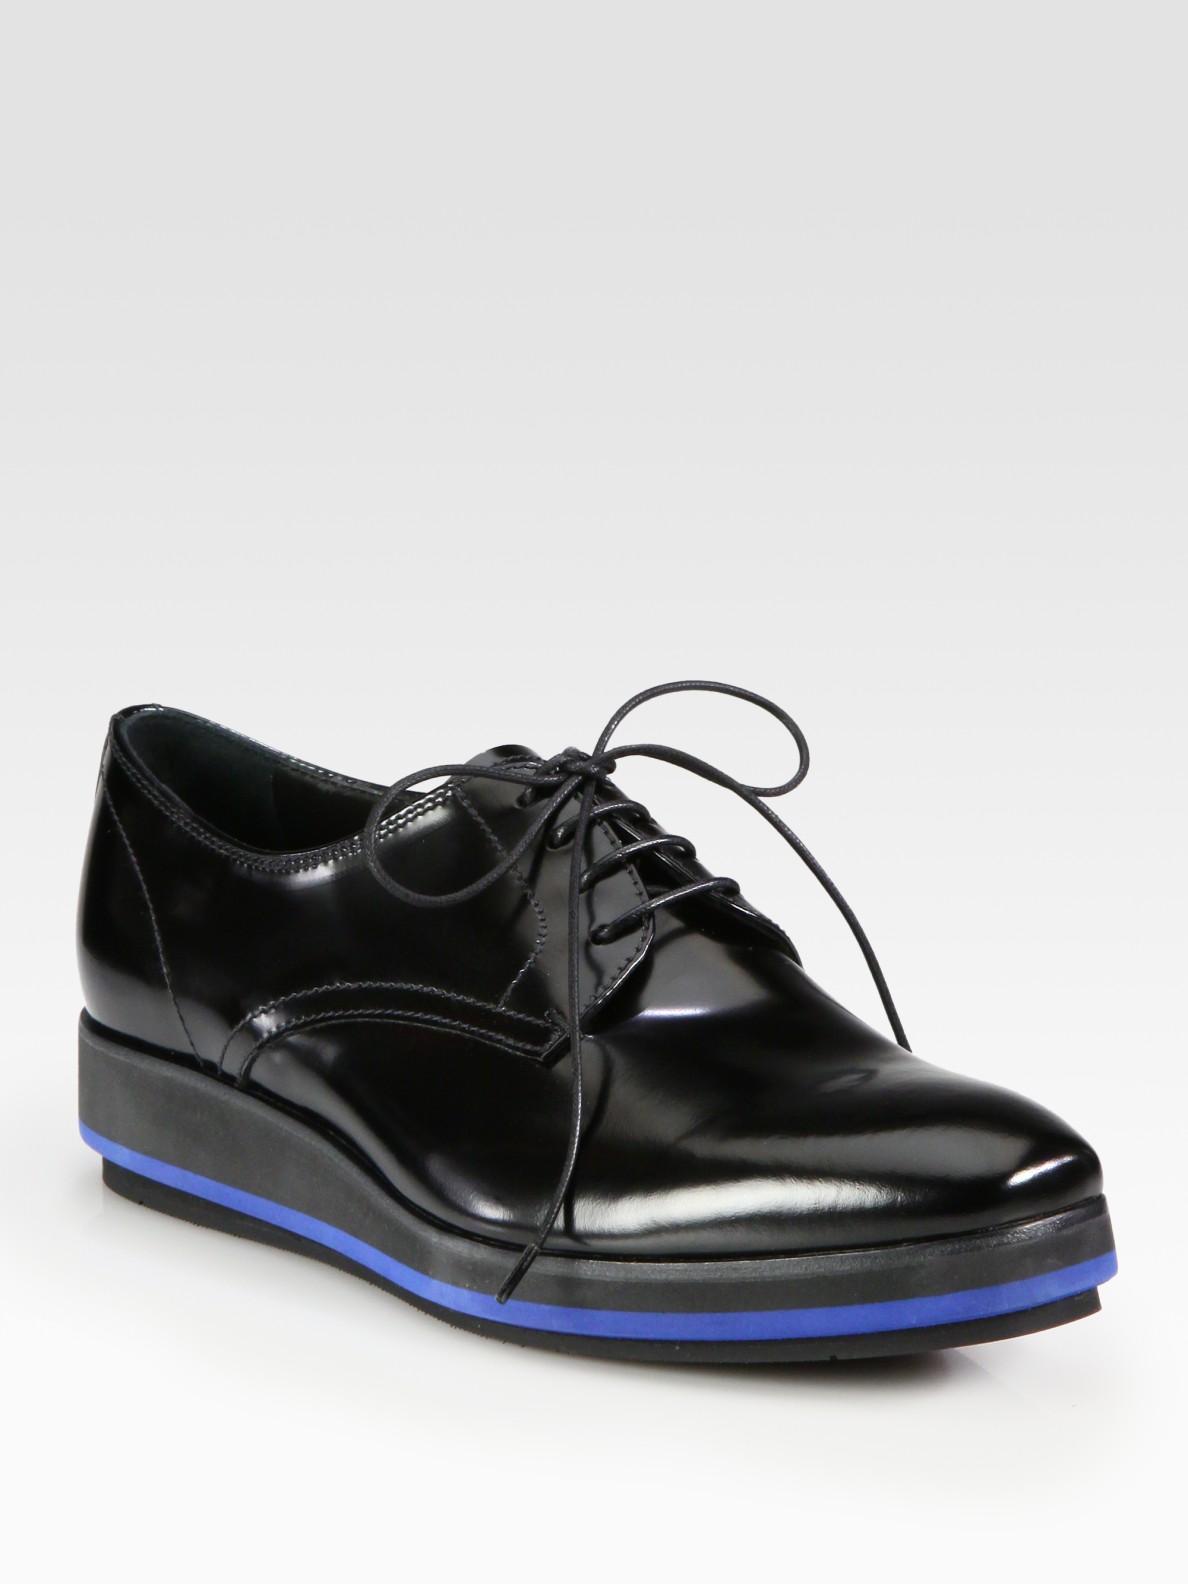 Prada Shoes For Men Oxfords